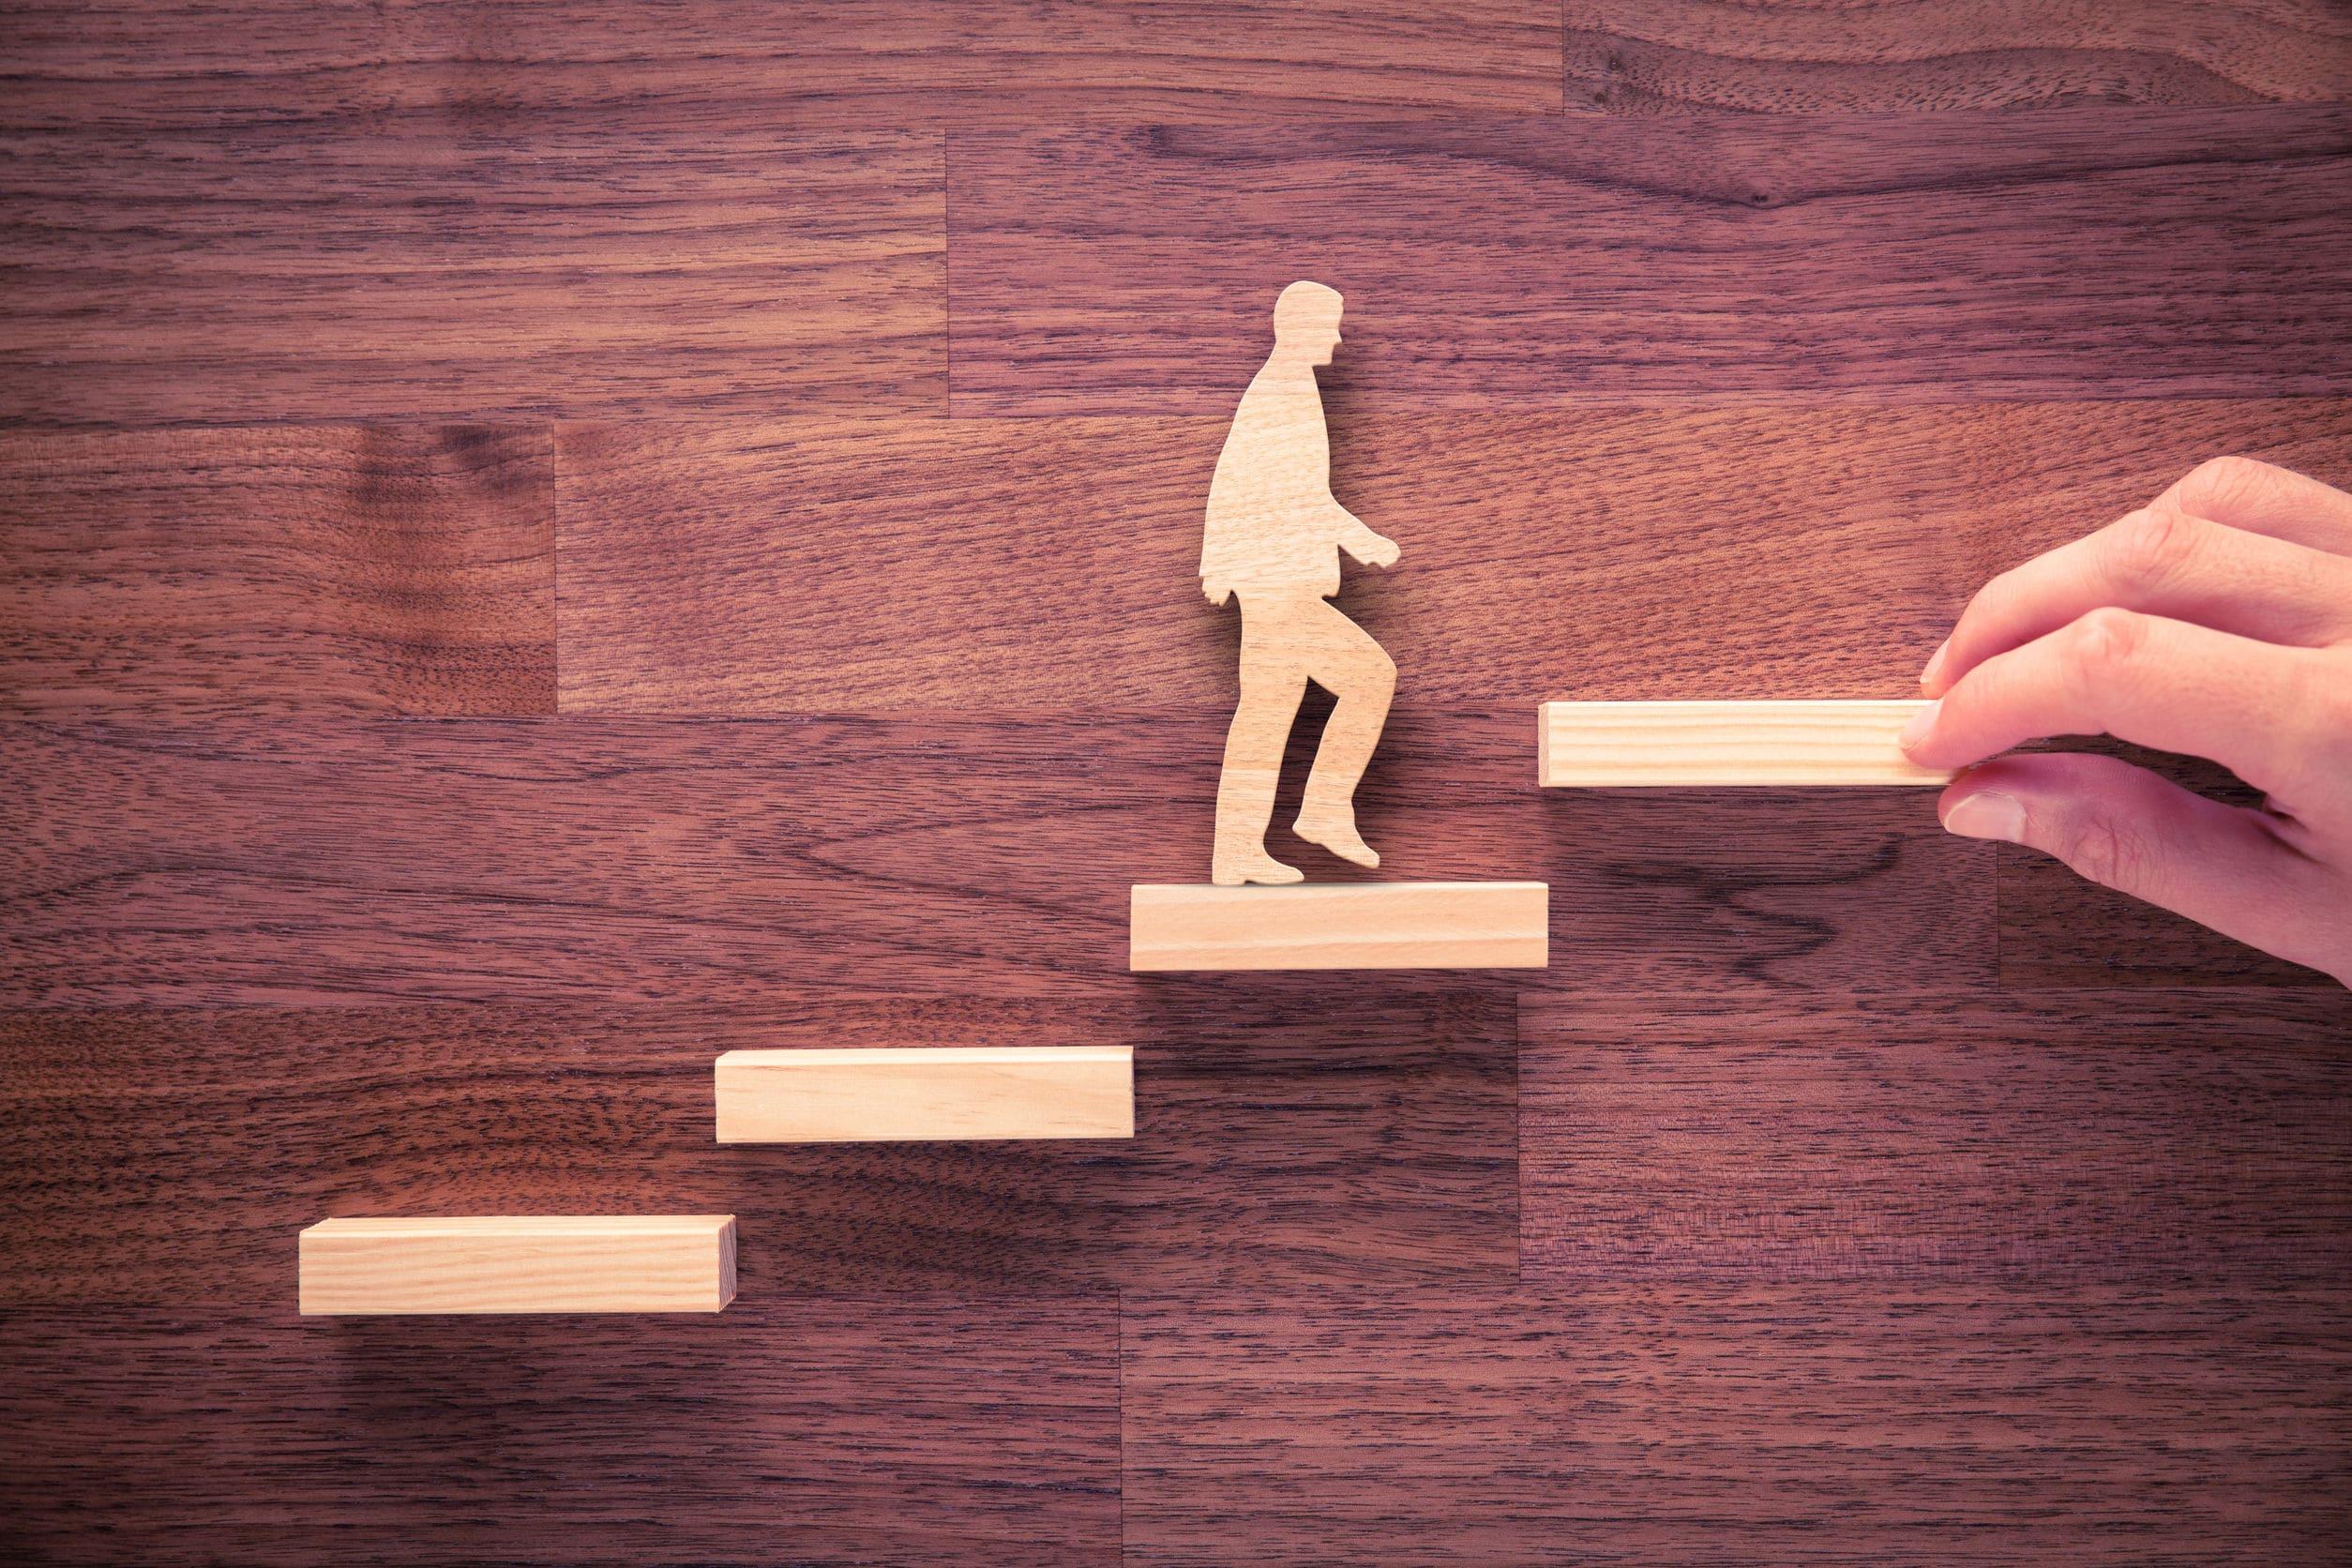 Peças de madeira clara colocadas em cima de uma mesa representando um homem subindo degraus de escadas.